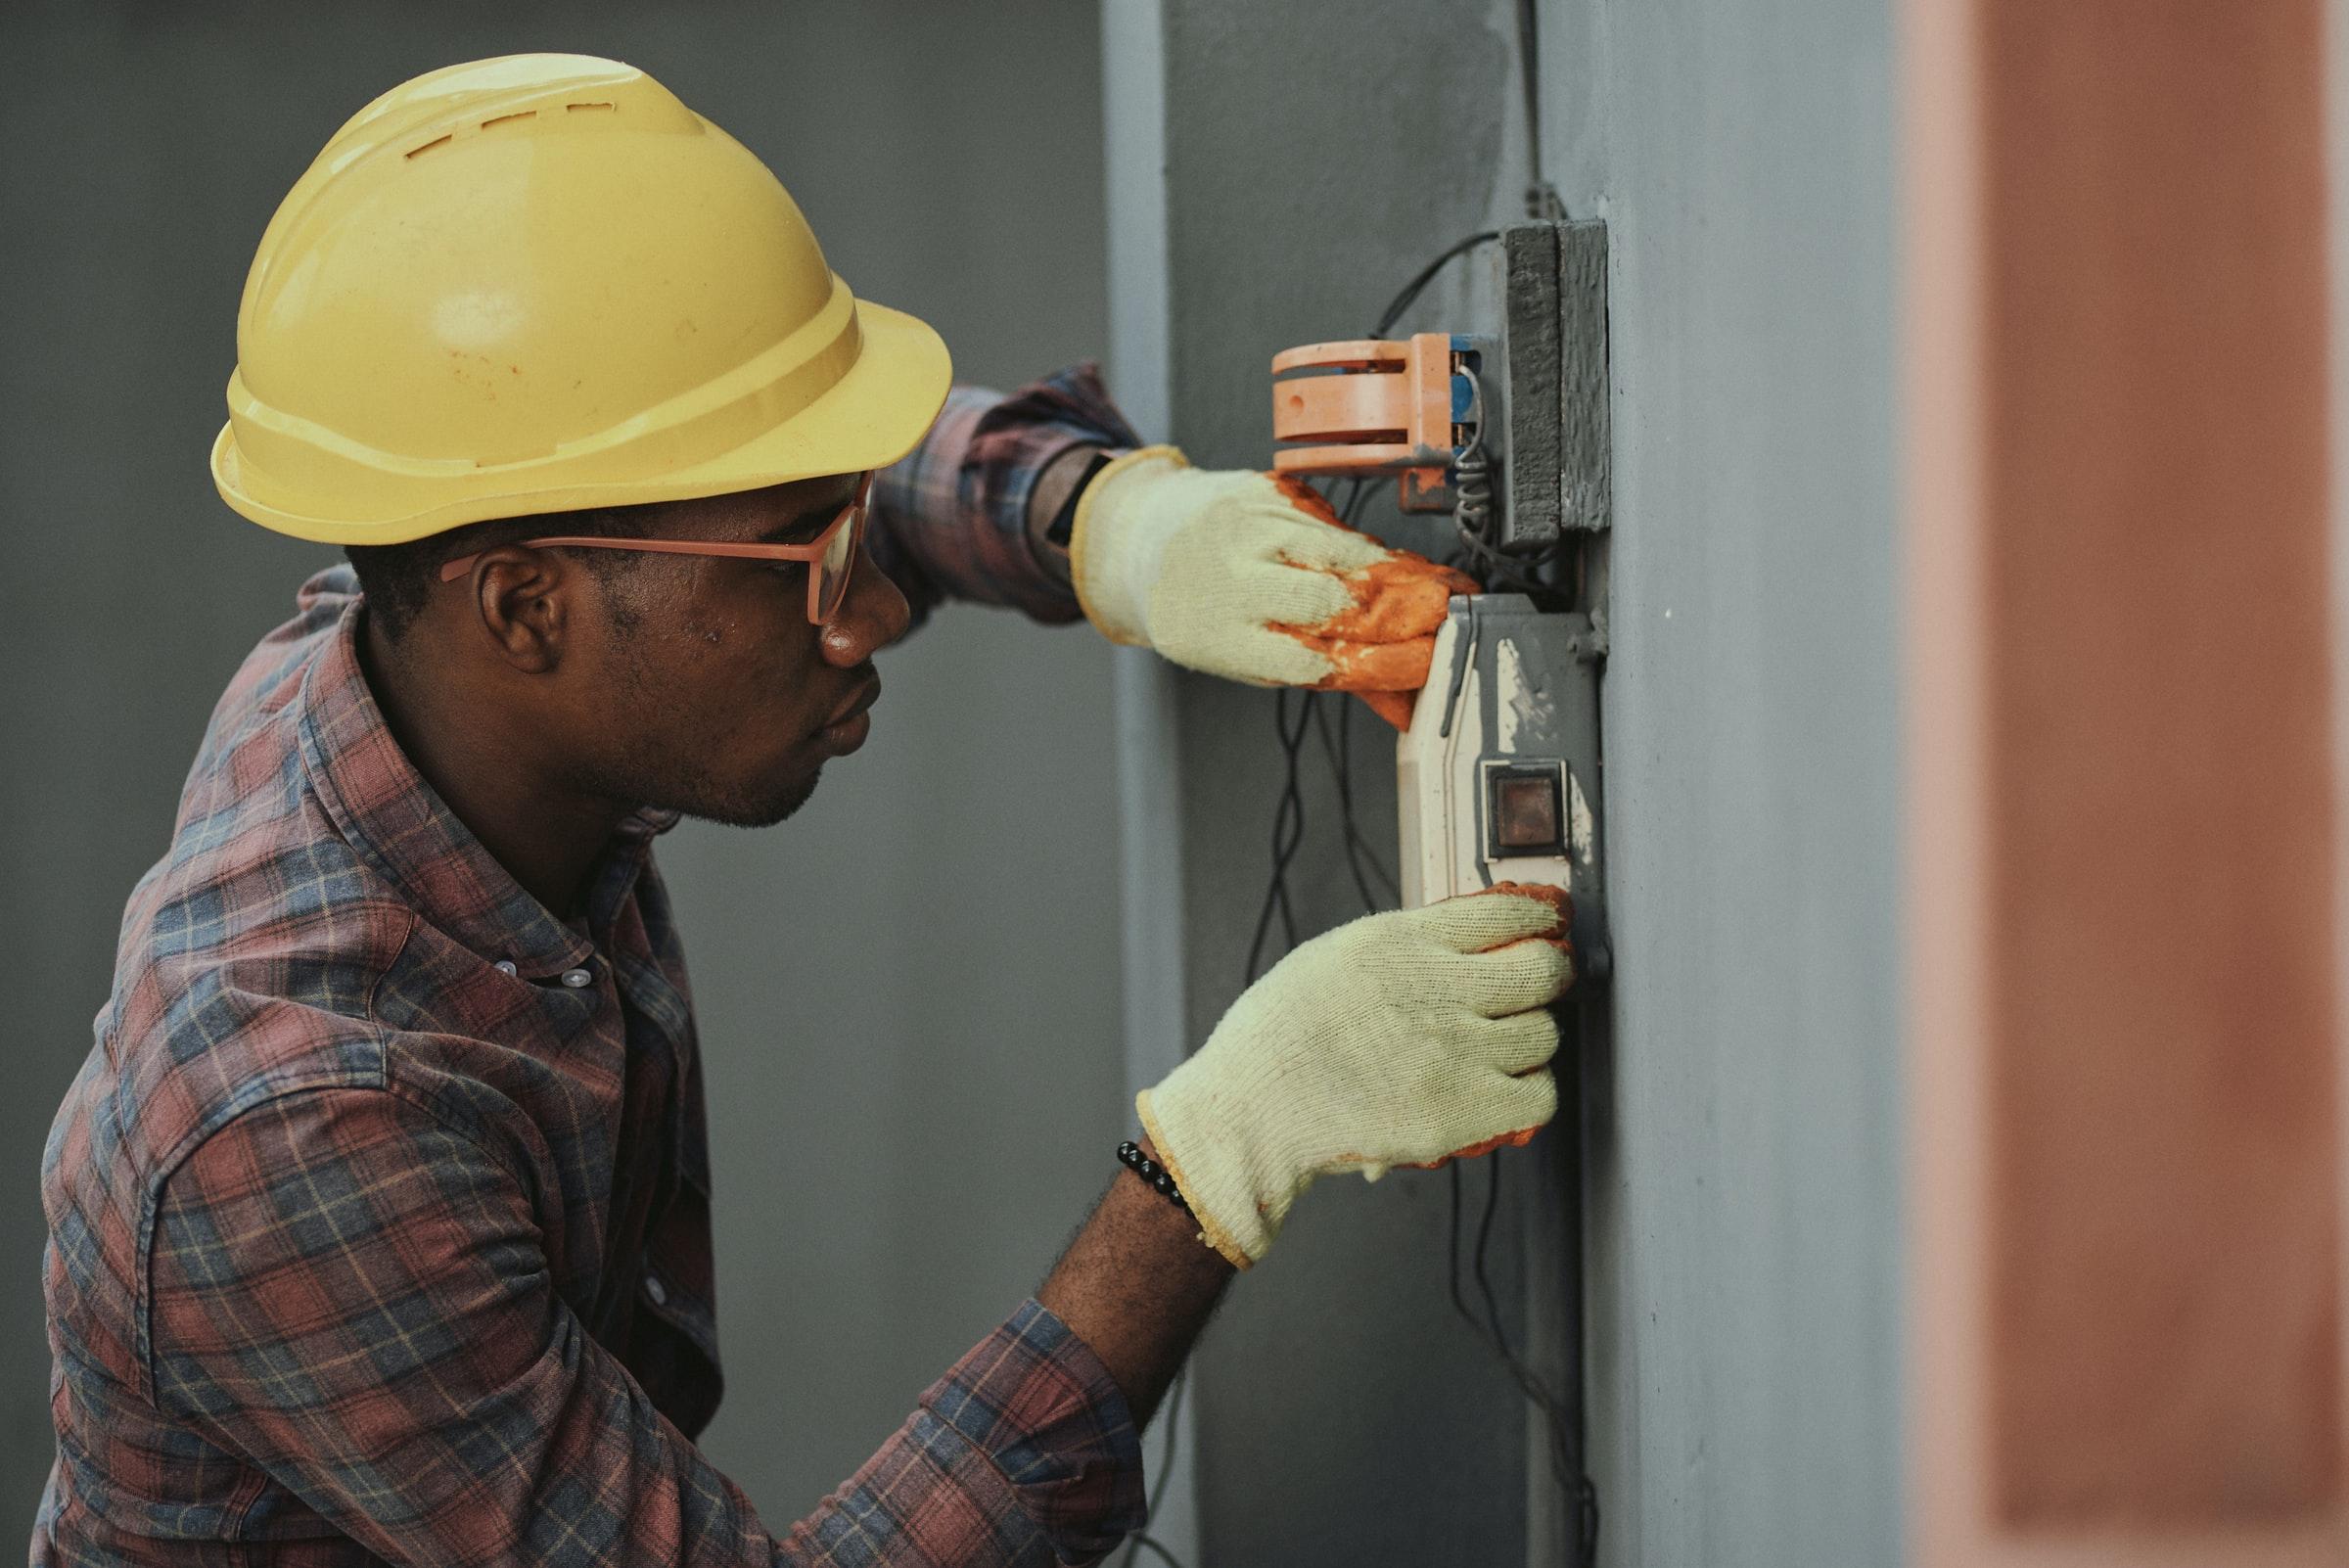 byggarbetare som skruvar fast föremål i vägg